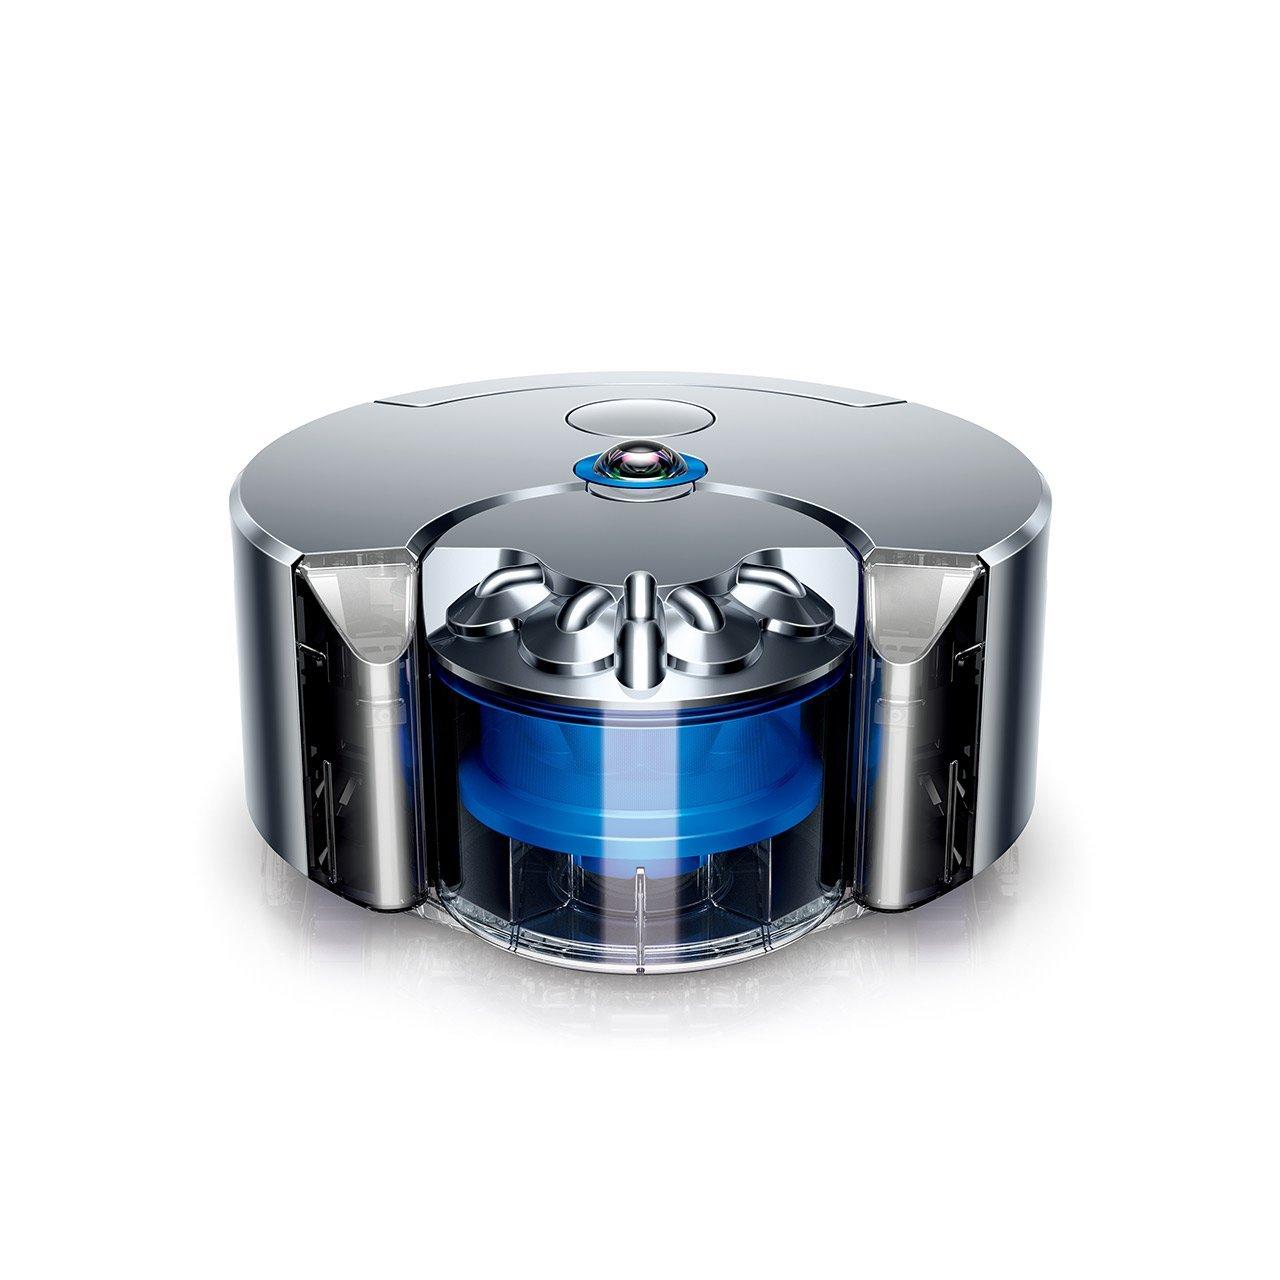 日本必買 免運/代購-日本正規/Dyson 360 Eye?自動掃地機器人/RB01。共2色